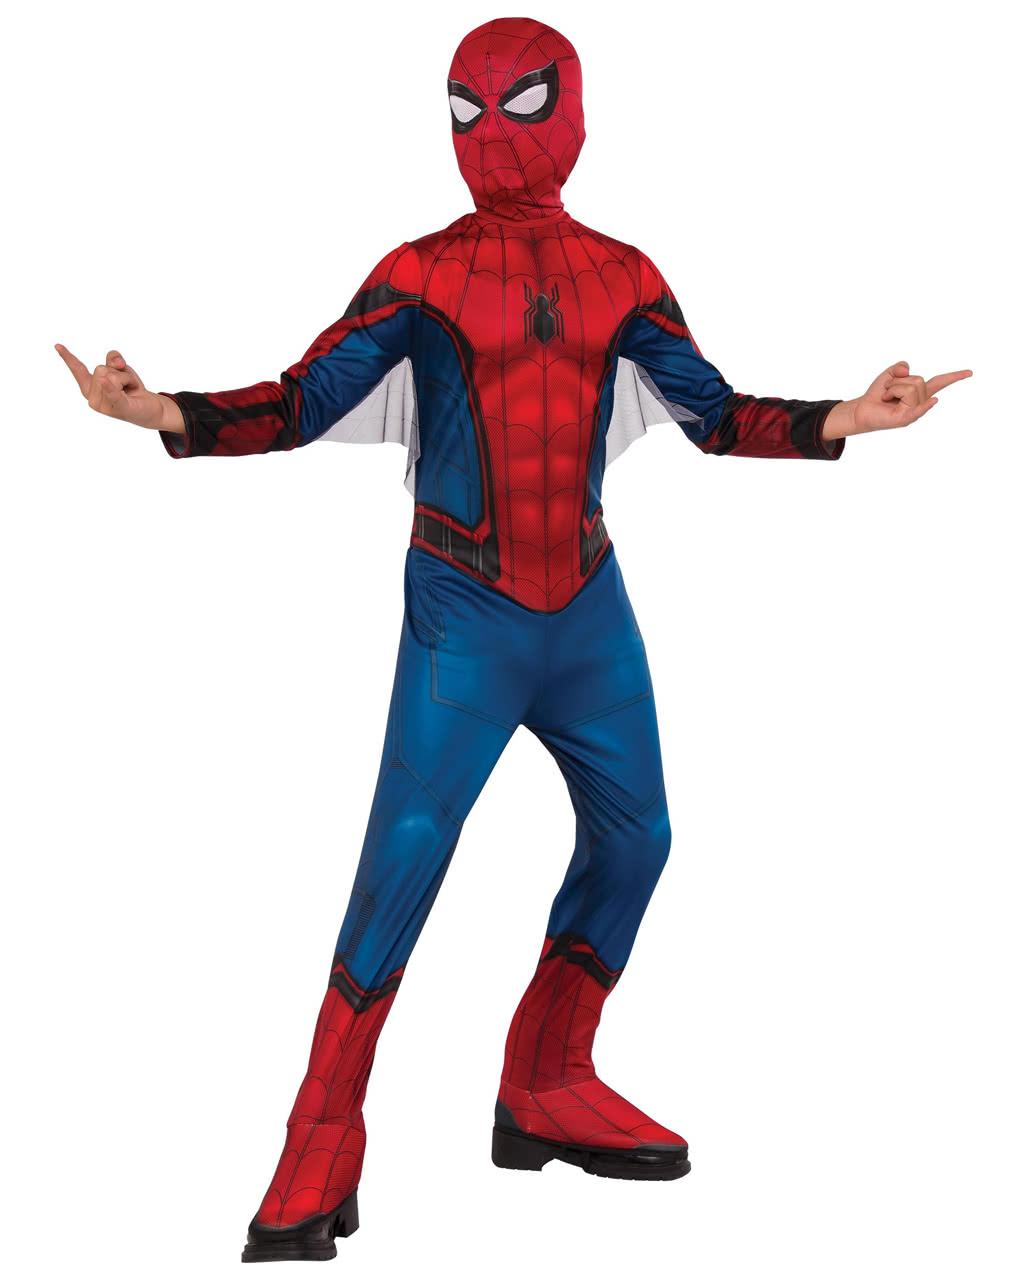 spiderman kinderkost m mit maske f r fasching karneval. Black Bedroom Furniture Sets. Home Design Ideas